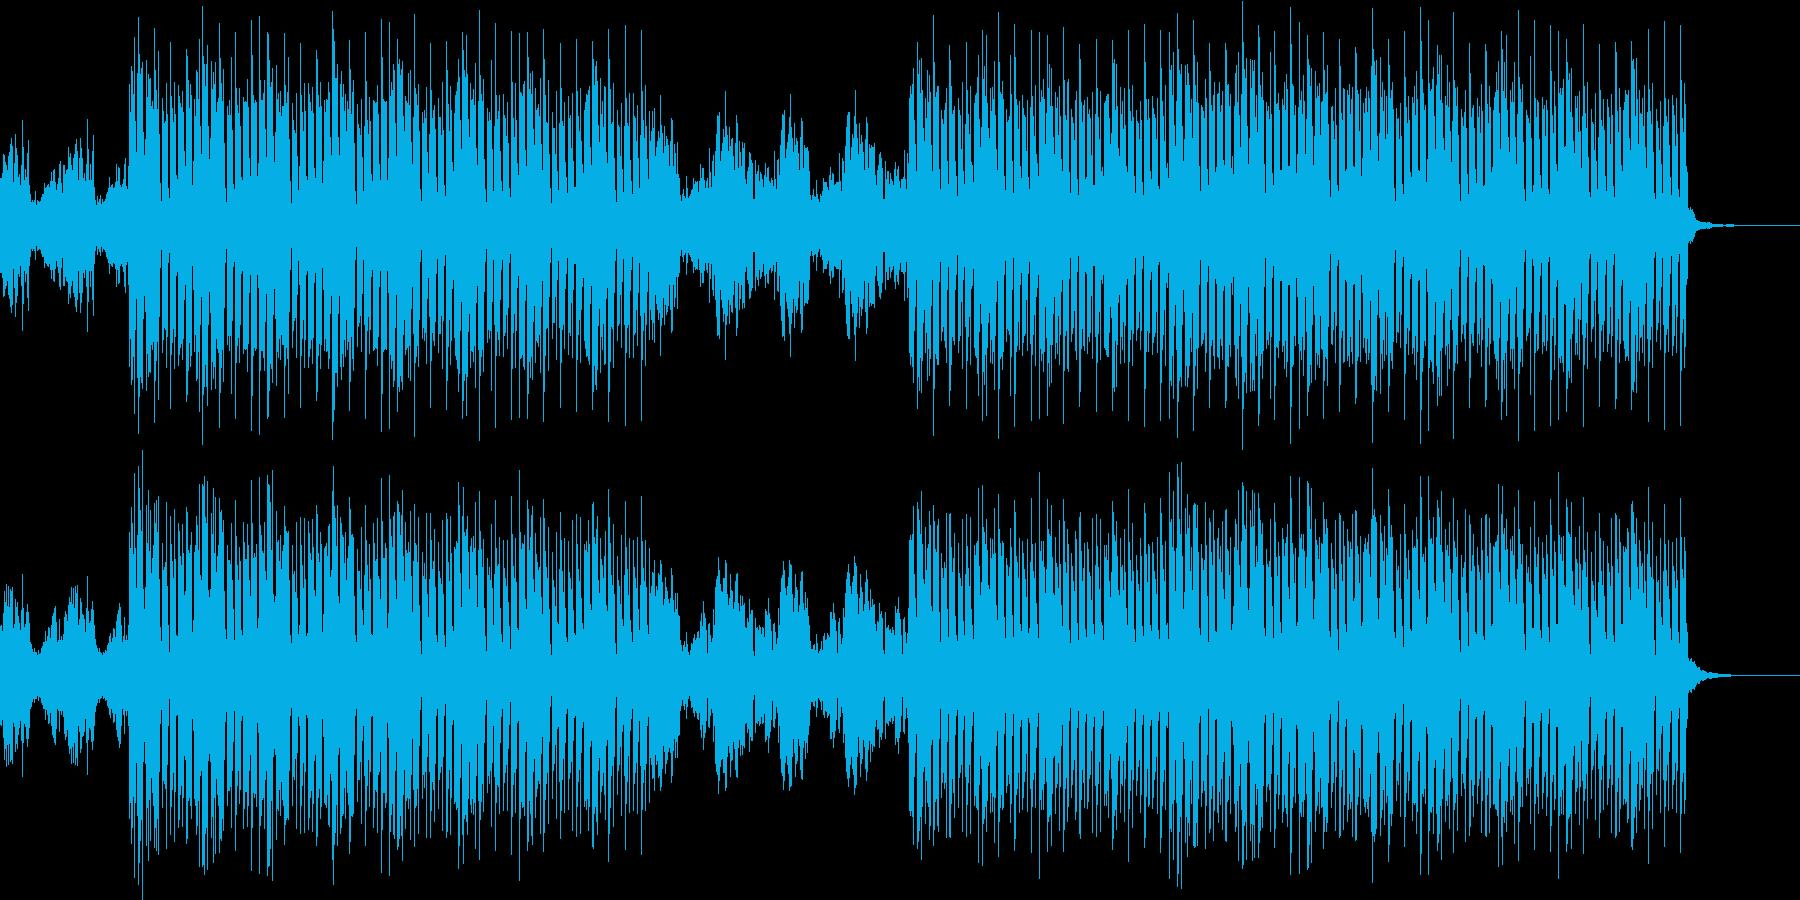 おしゃれ・エスニック・EDM・透明感6の再生済みの波形